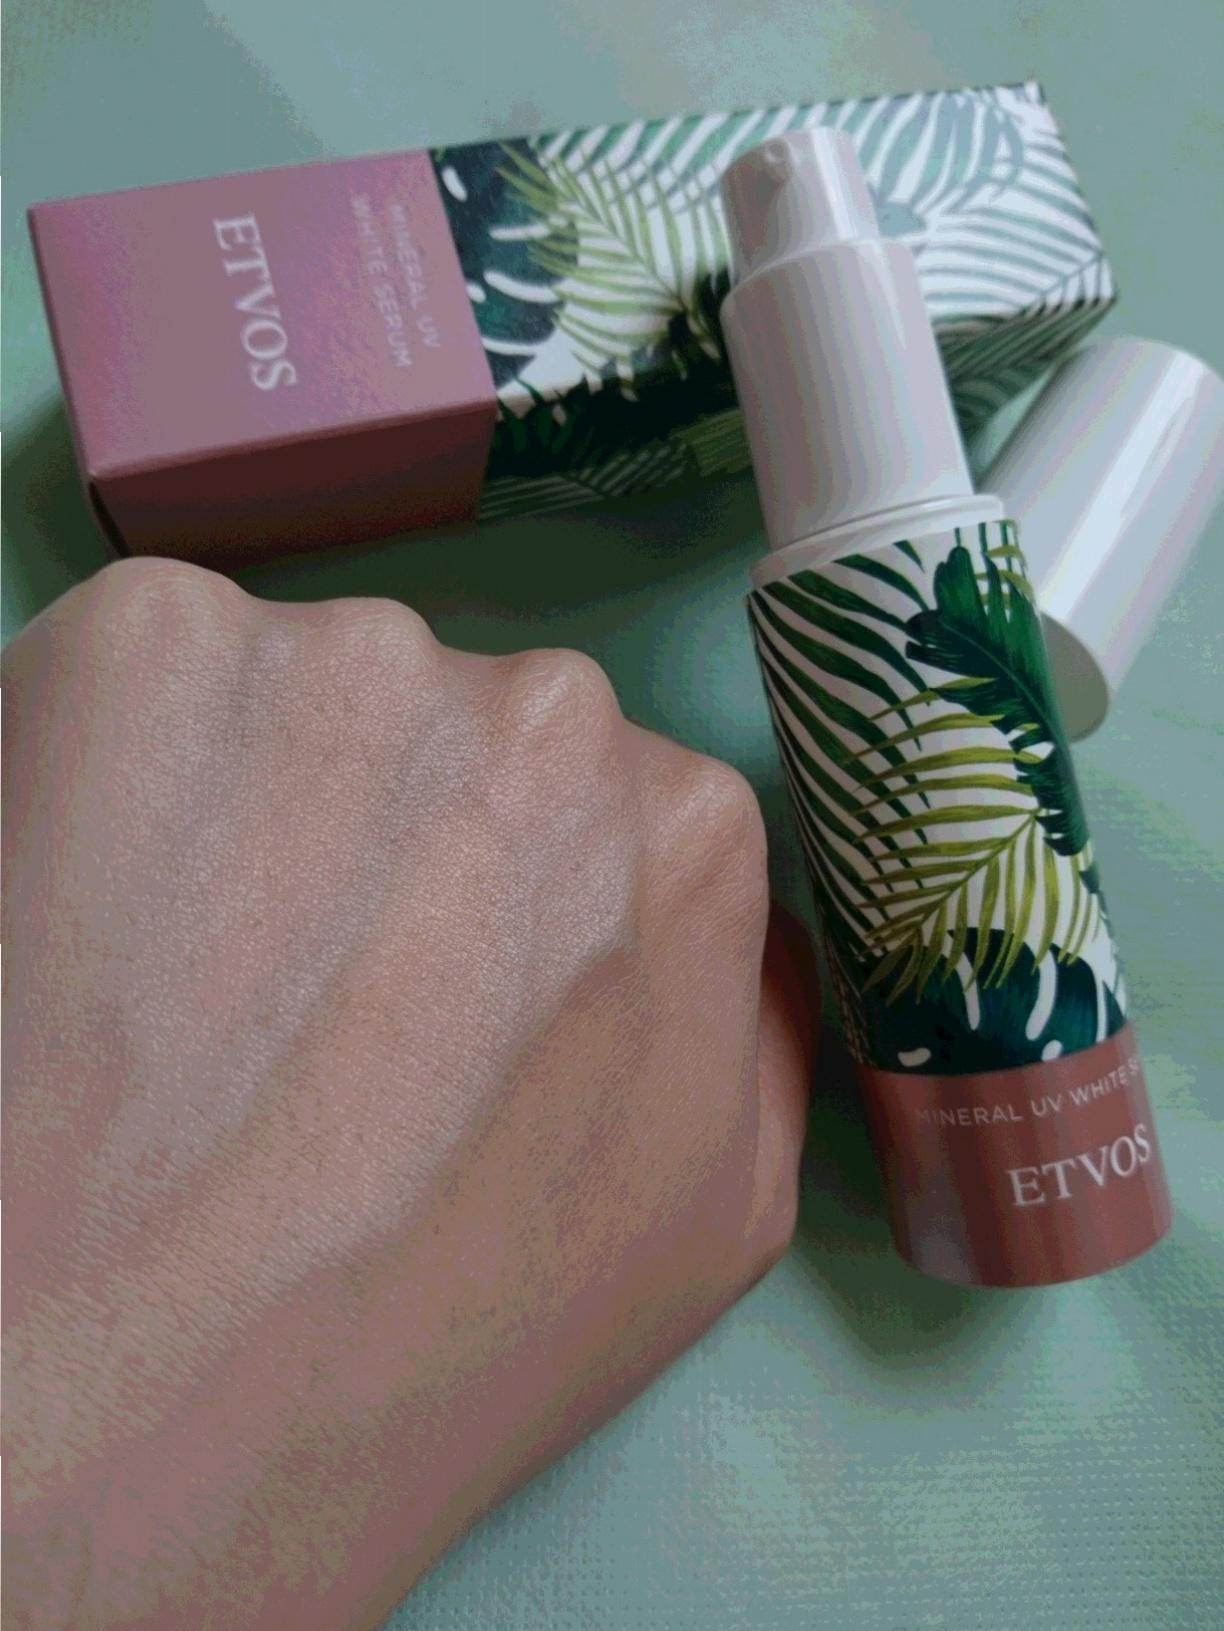 美白化粧品特集 - シミやくすみ対策・肌の透明感アップが期待できるコスメは? 記事Photo Gallery_1_30